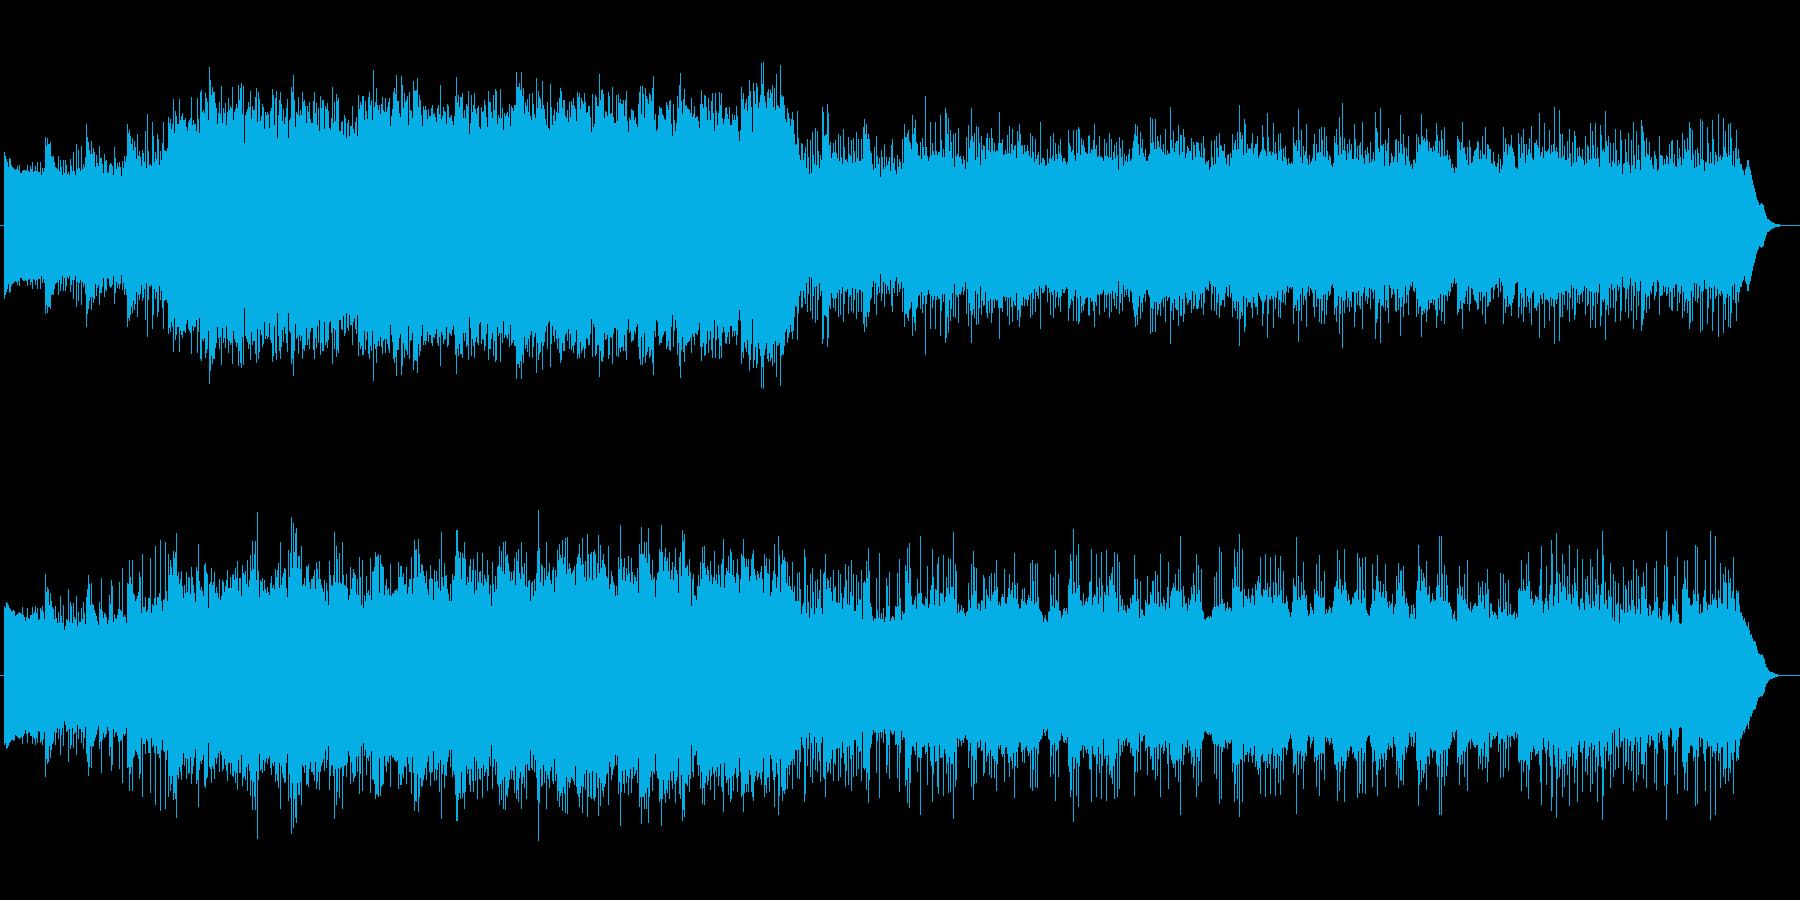 幻想的でゆるやかなテクノ音楽の再生済みの波形